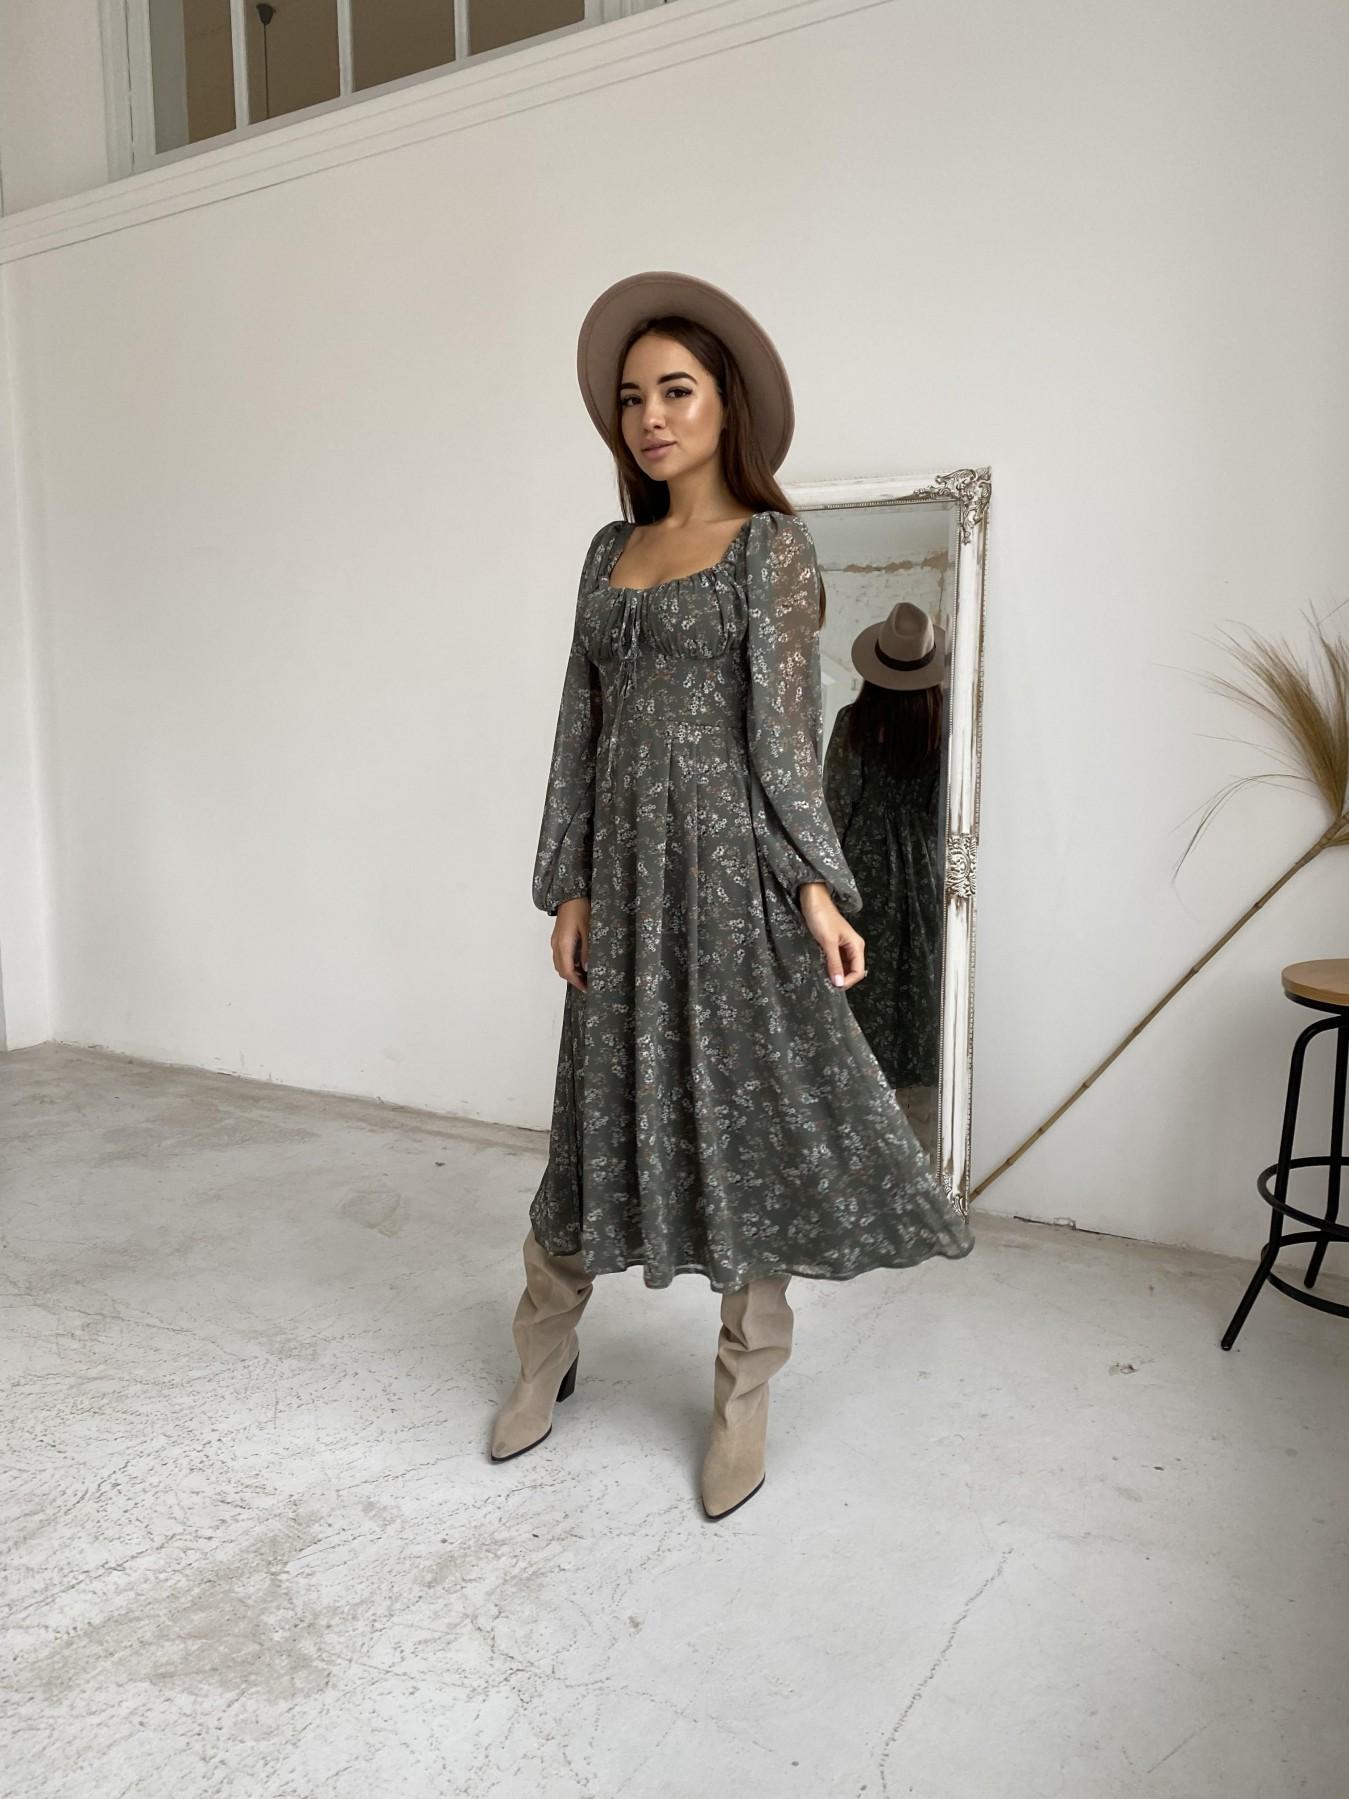 Кисес платье из шифона с цветочным принтом 11774 АРТ. 48625 Цвет: Зеленый/МолокоЦветыНаВетке - фото 4, интернет магазин tm-modus.ru